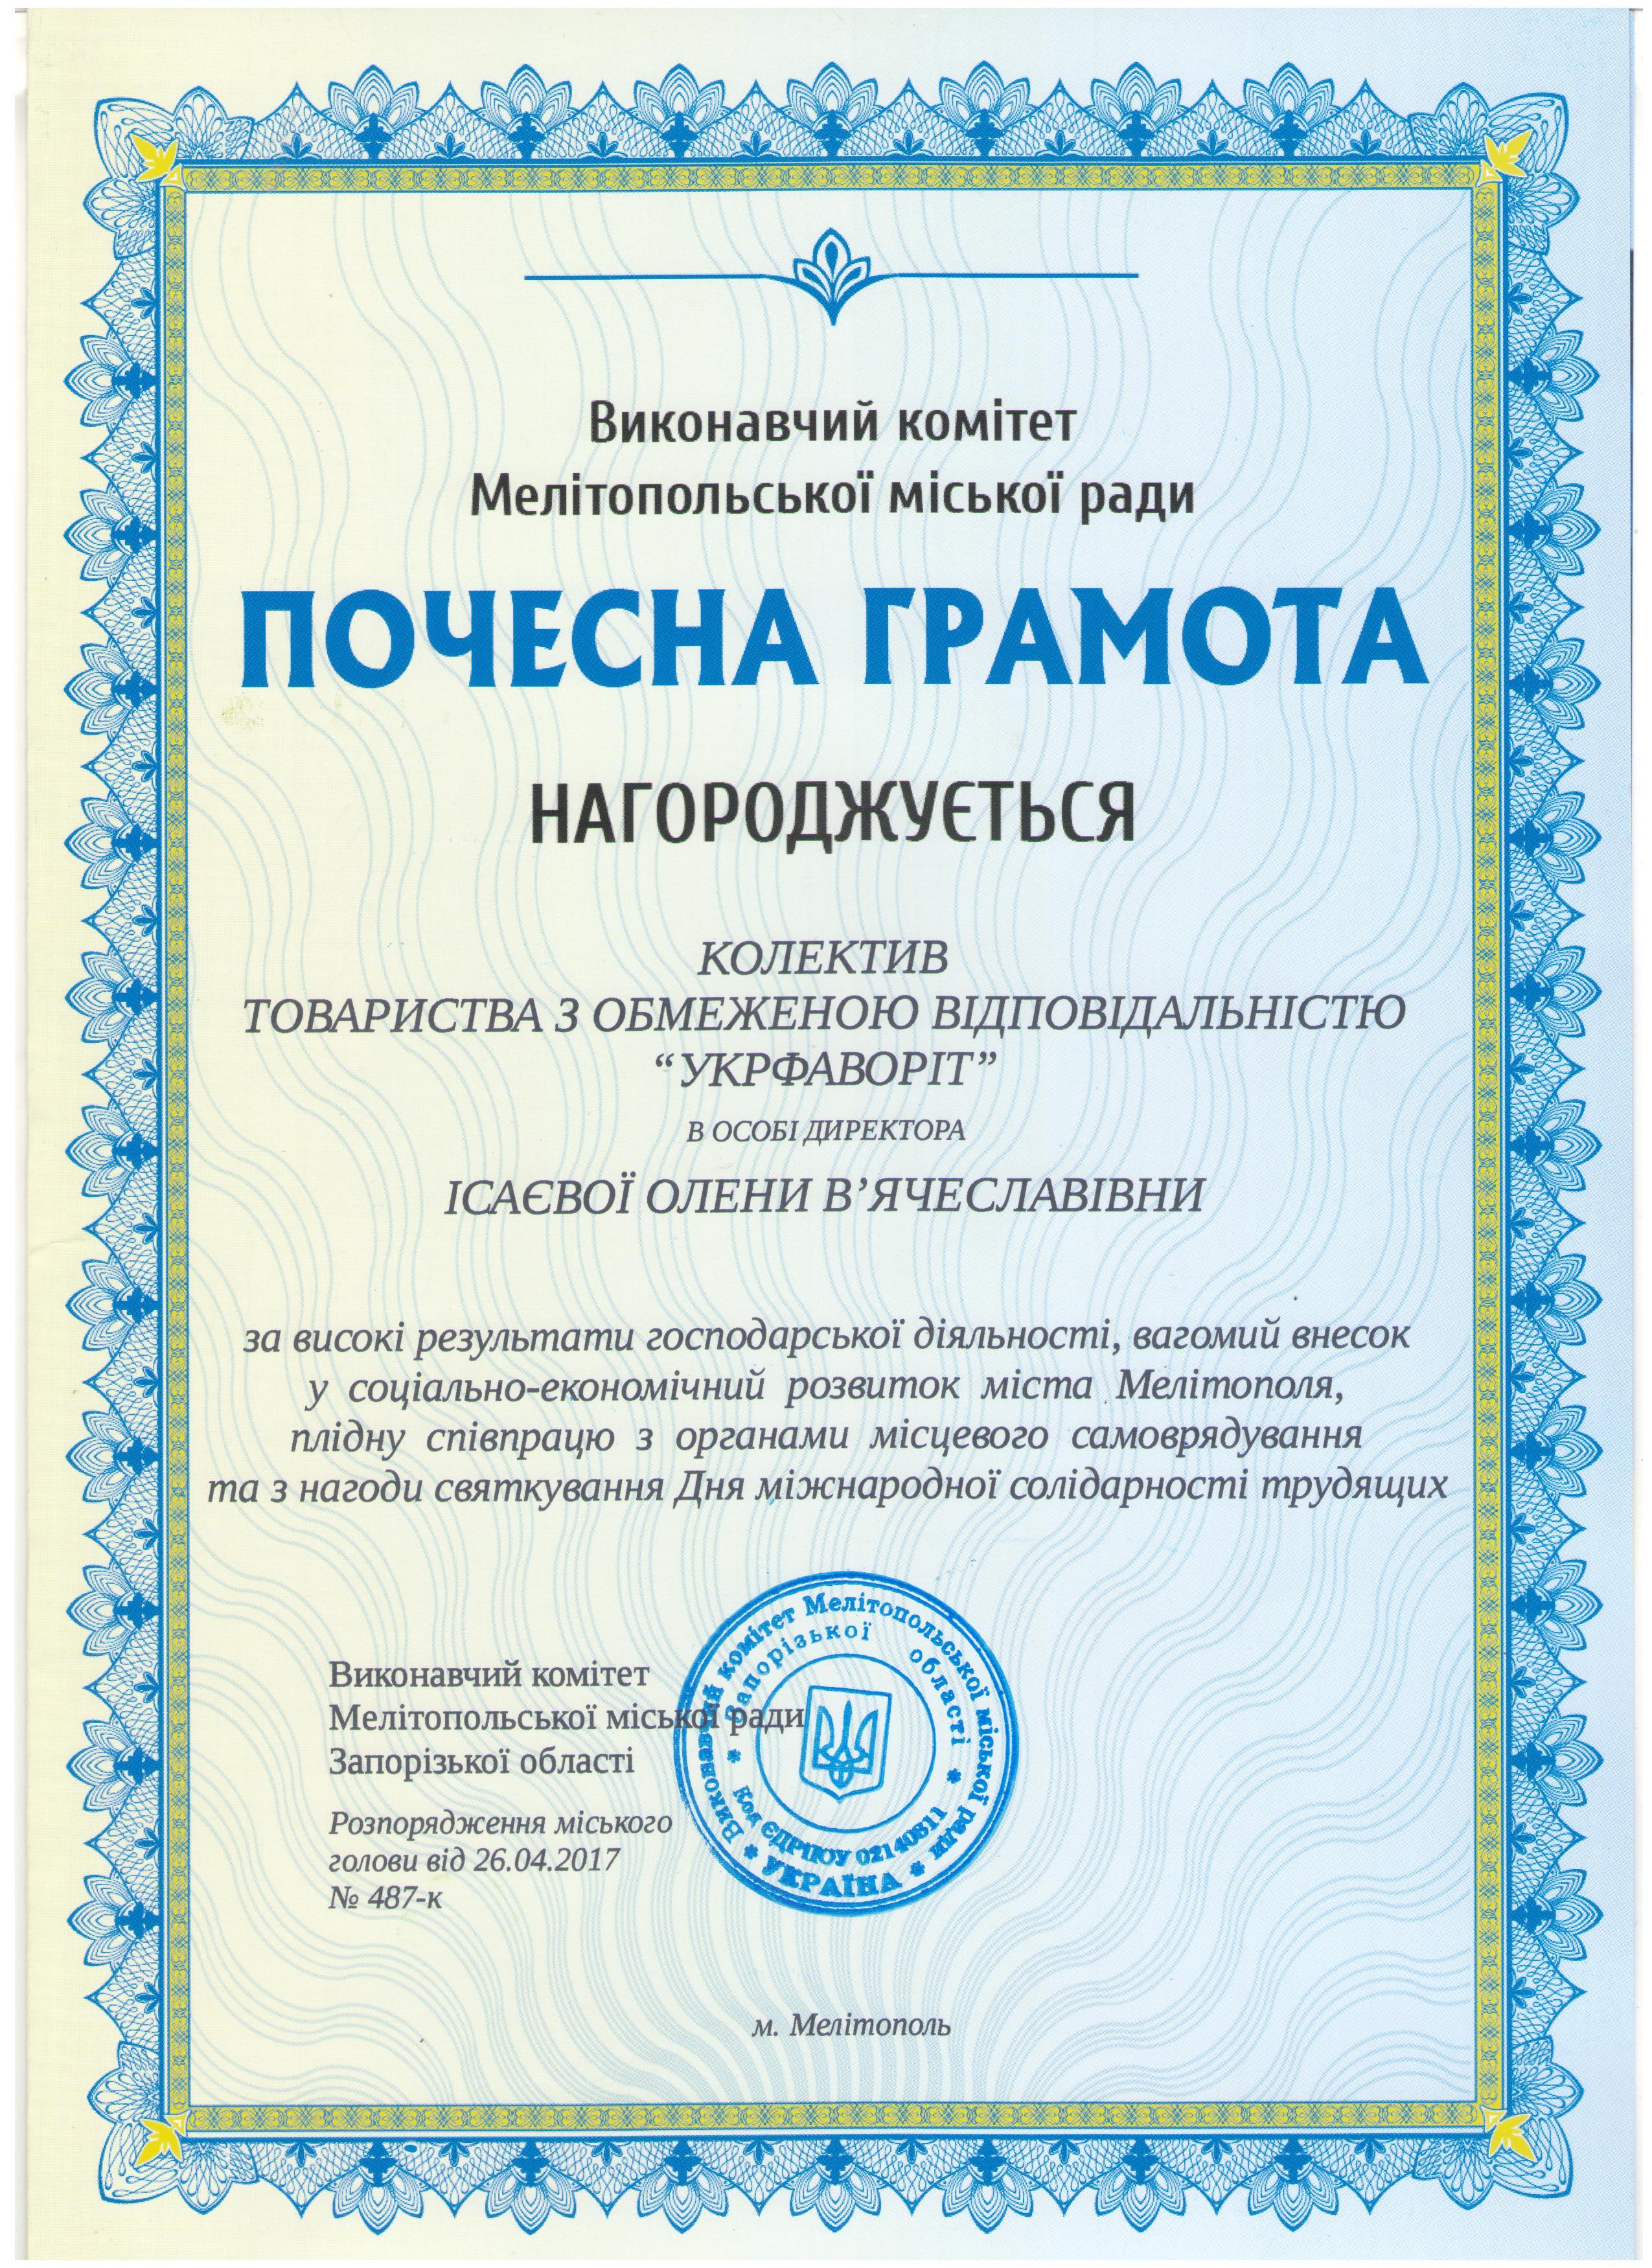 Диплом за существенный вклад в социально-экономическое развитие г. Мелитополя